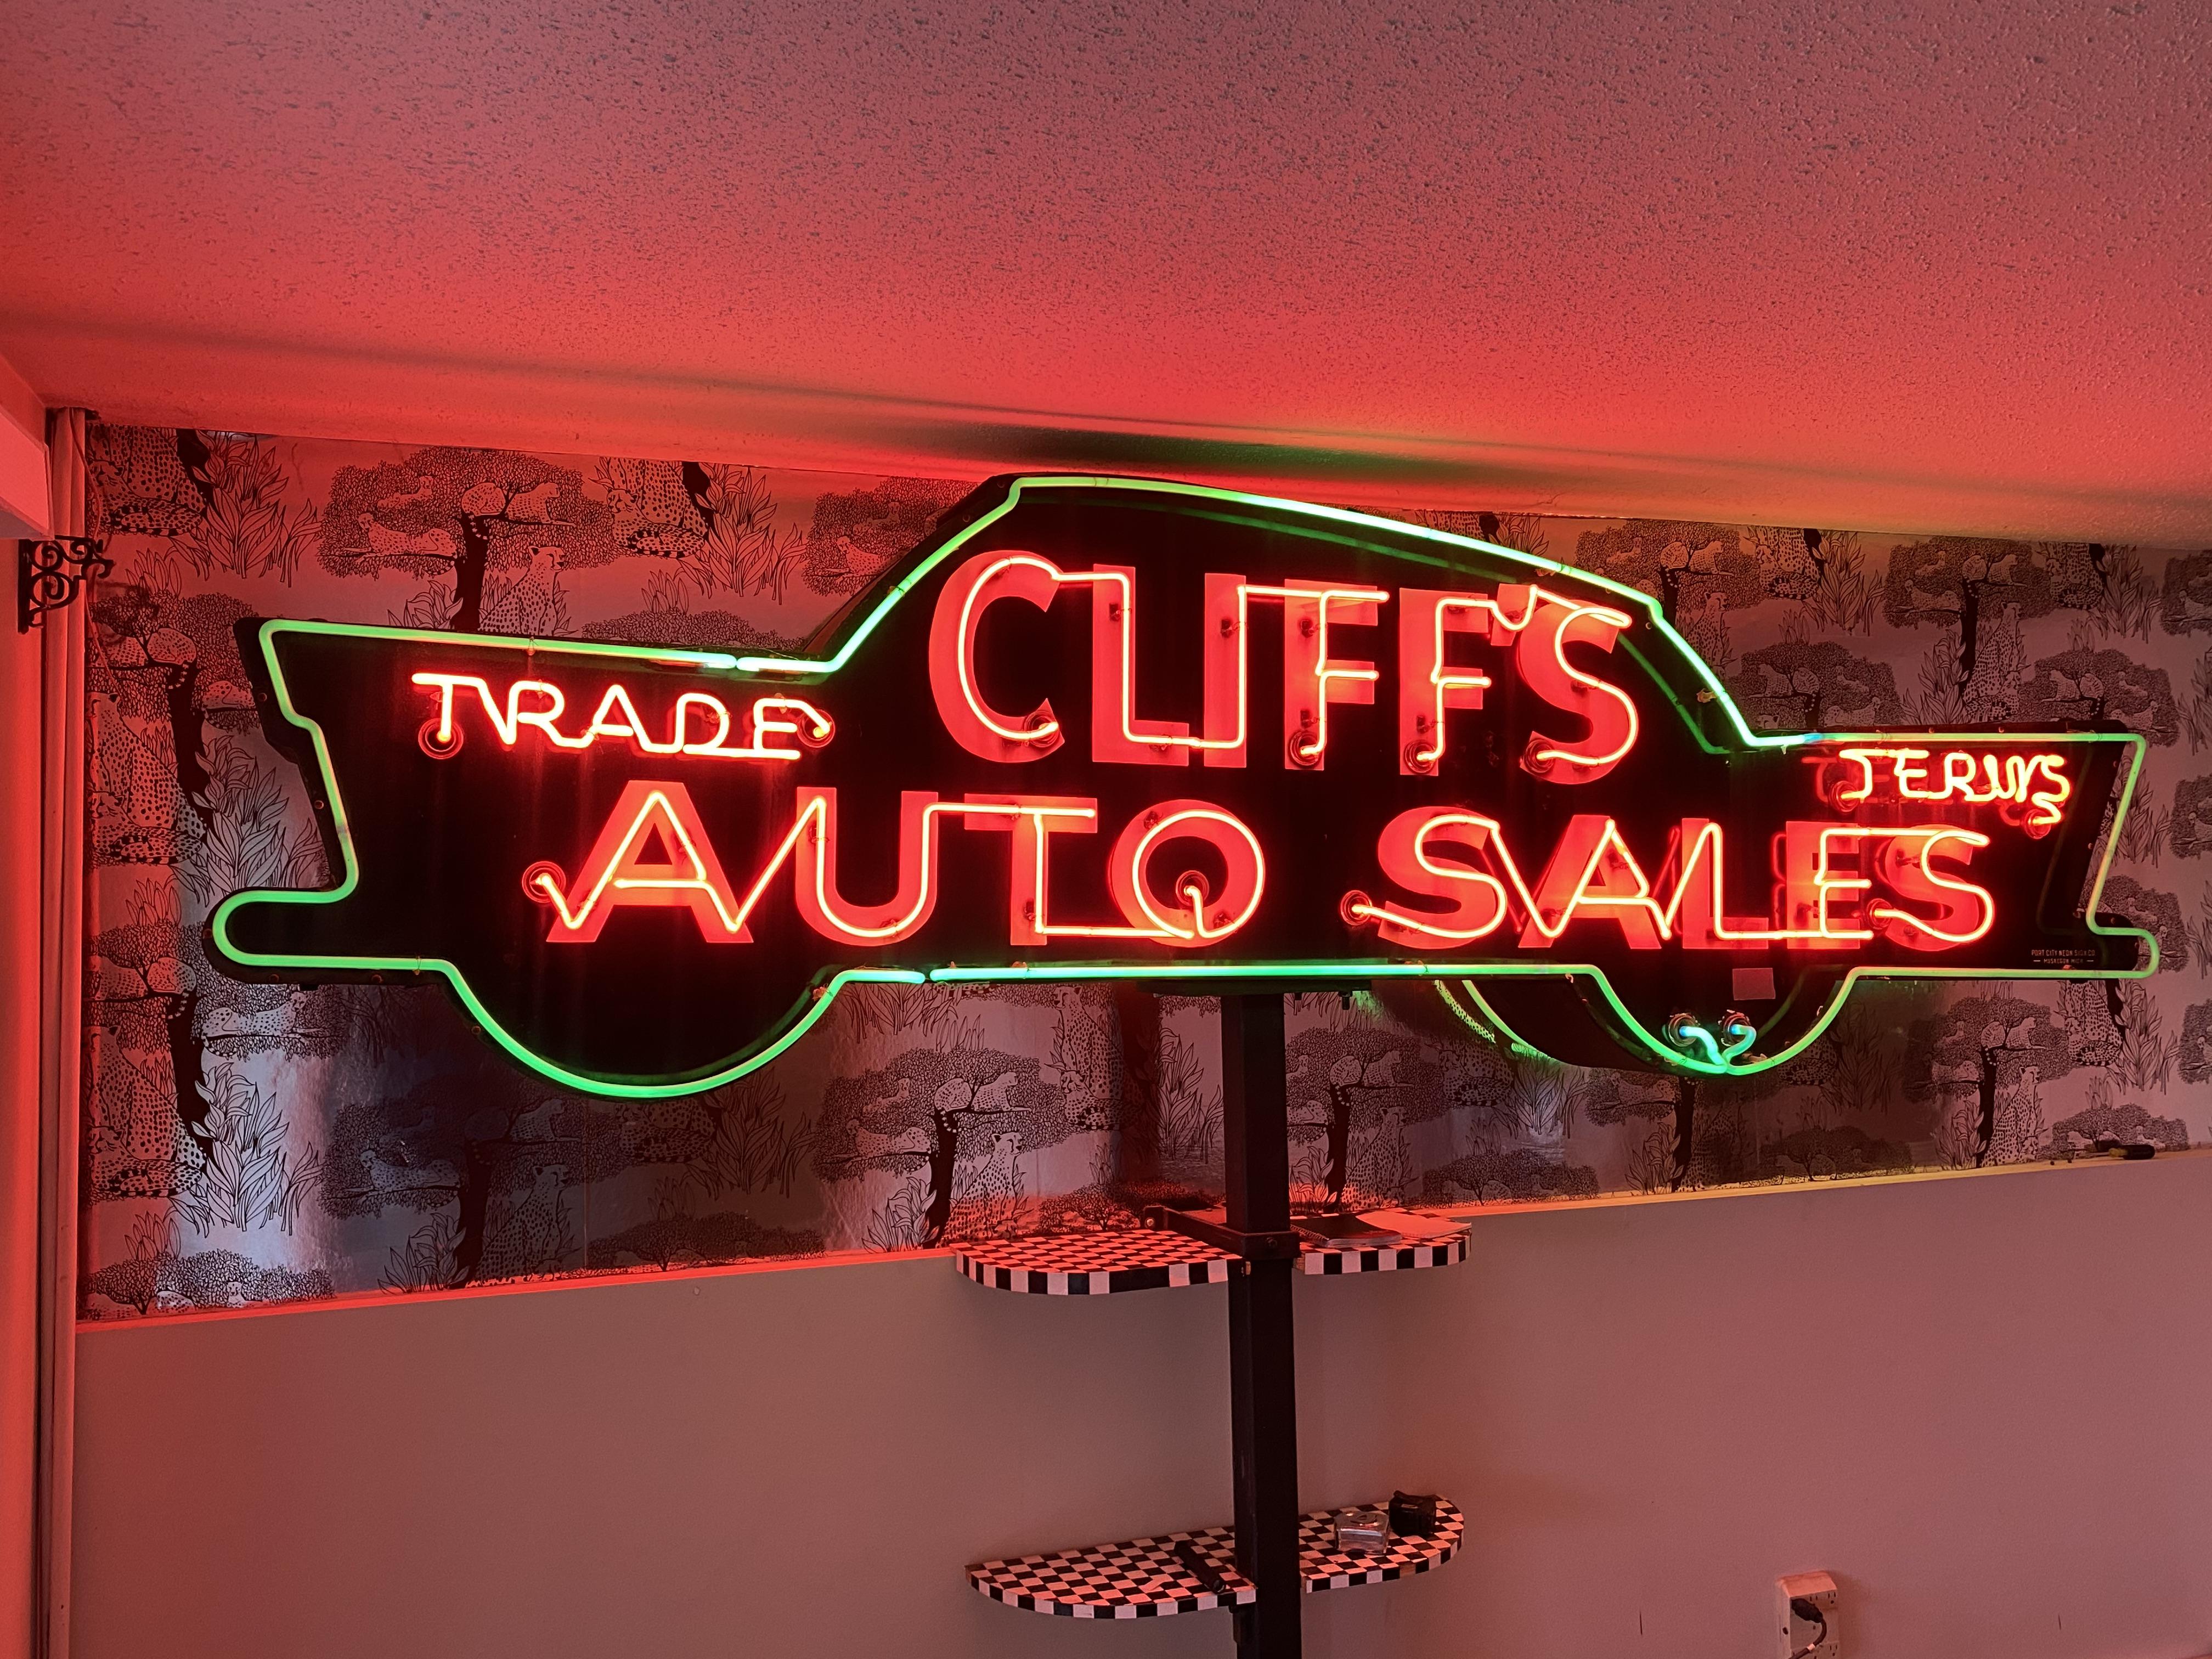 https://0201.nccdn.net/1_2/000/000/174/19a/large-neon-cliffs-auto-sales-sign.jpeg